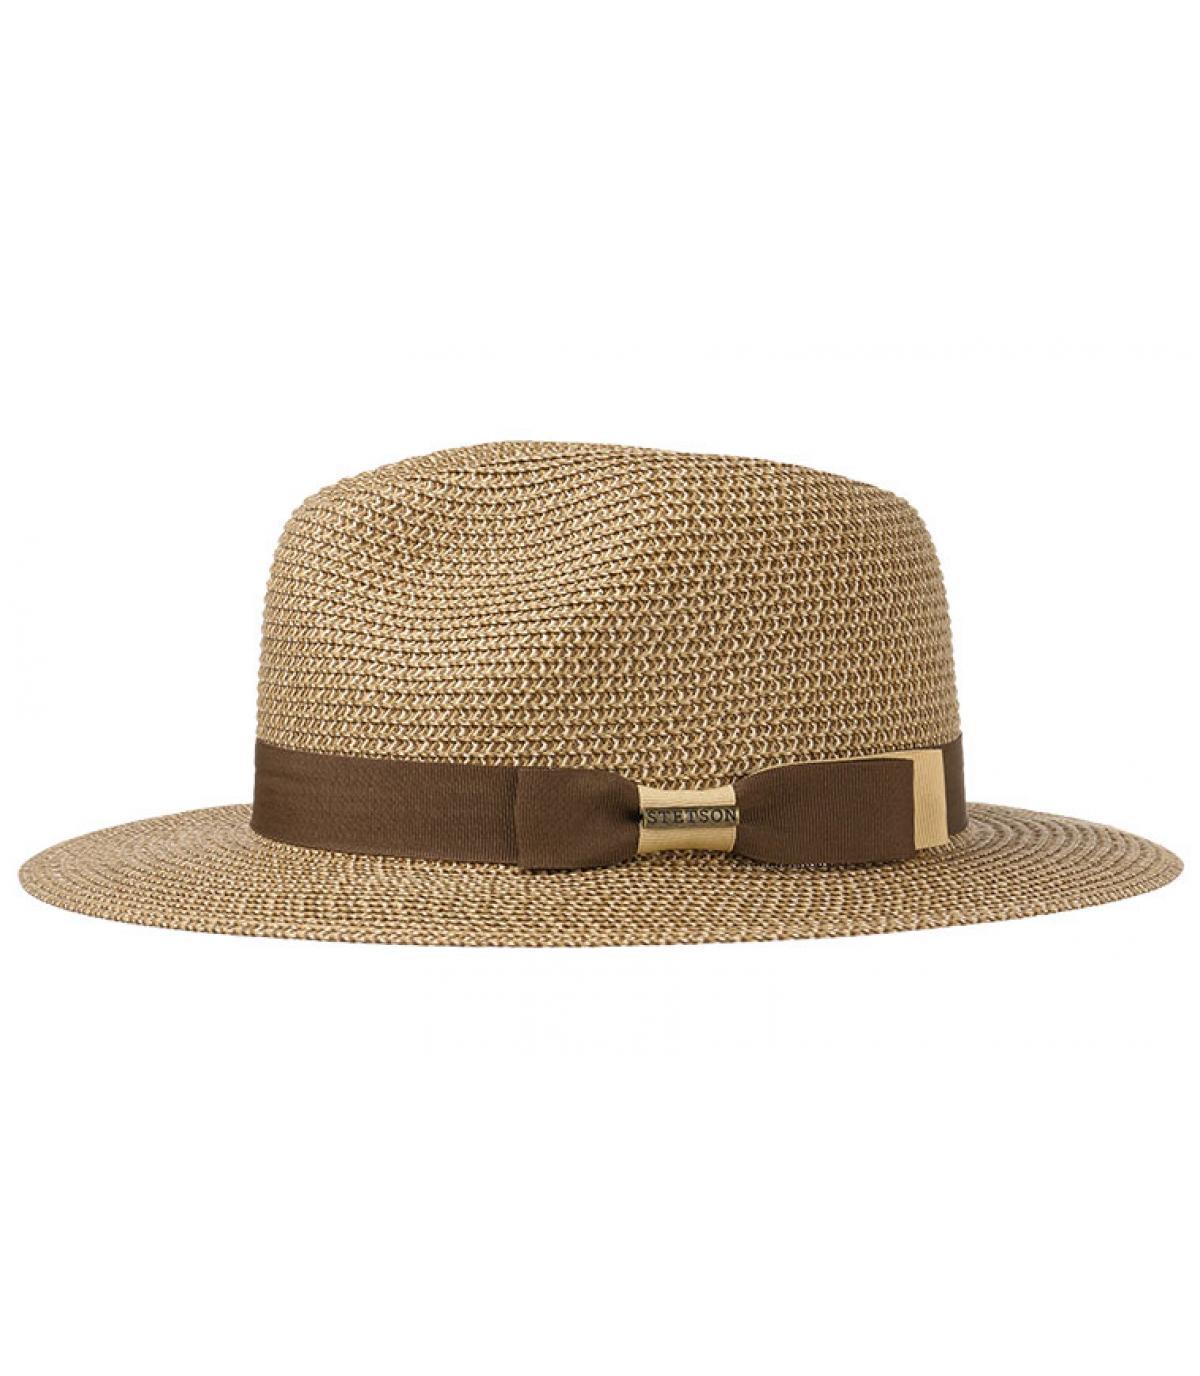 straw hat wide brim stripe - Traveller toyo braid brown beige Stetson -  image 1 ... 21385856f86